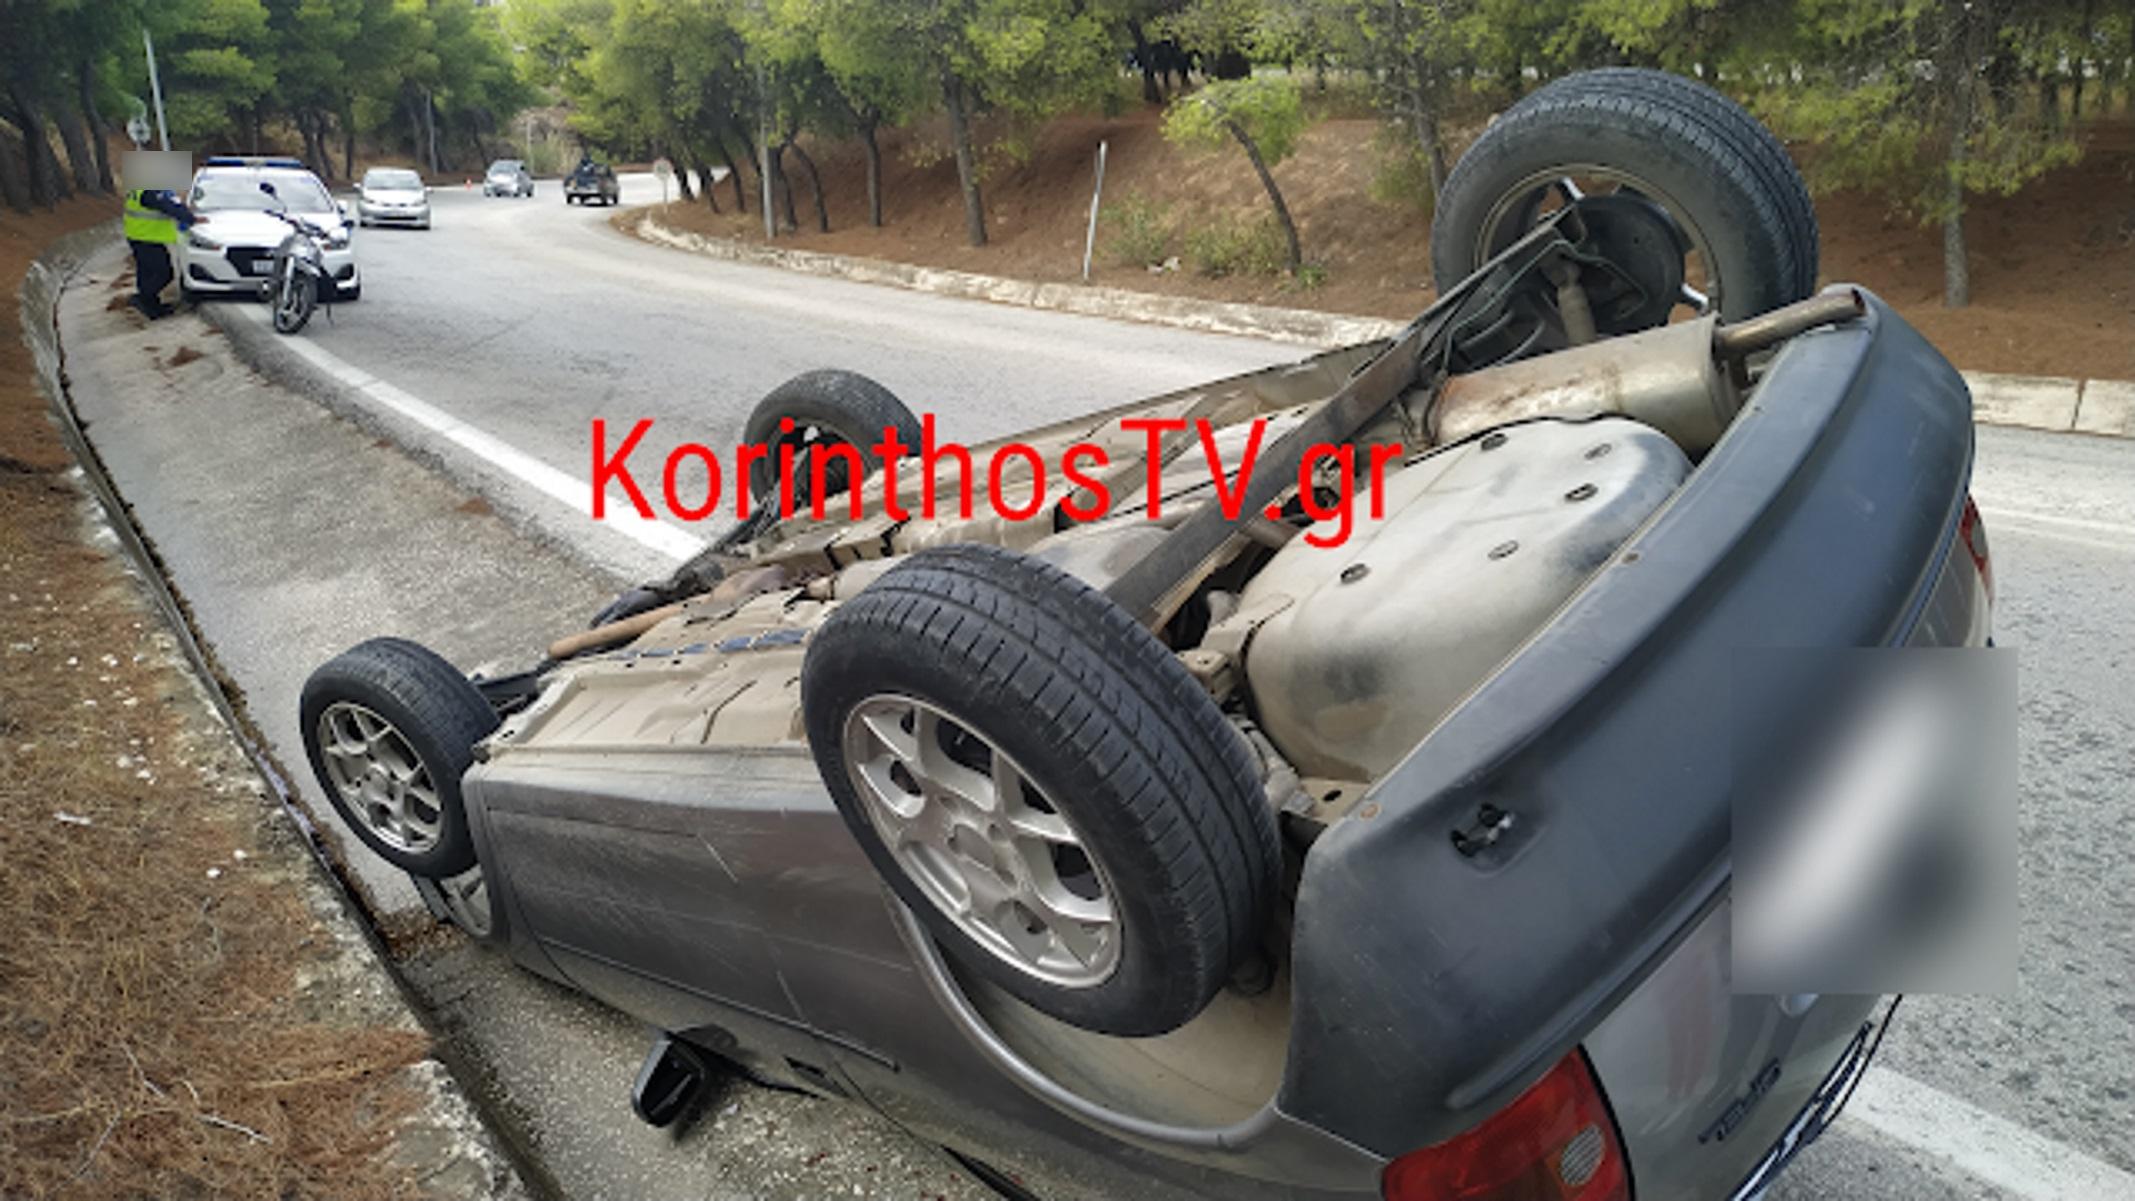 Τροχαίο στην παλαιά εθνική οδό Αθηνών – Κορίνθου με αναποδογυρισμένο αυτοκίνητο